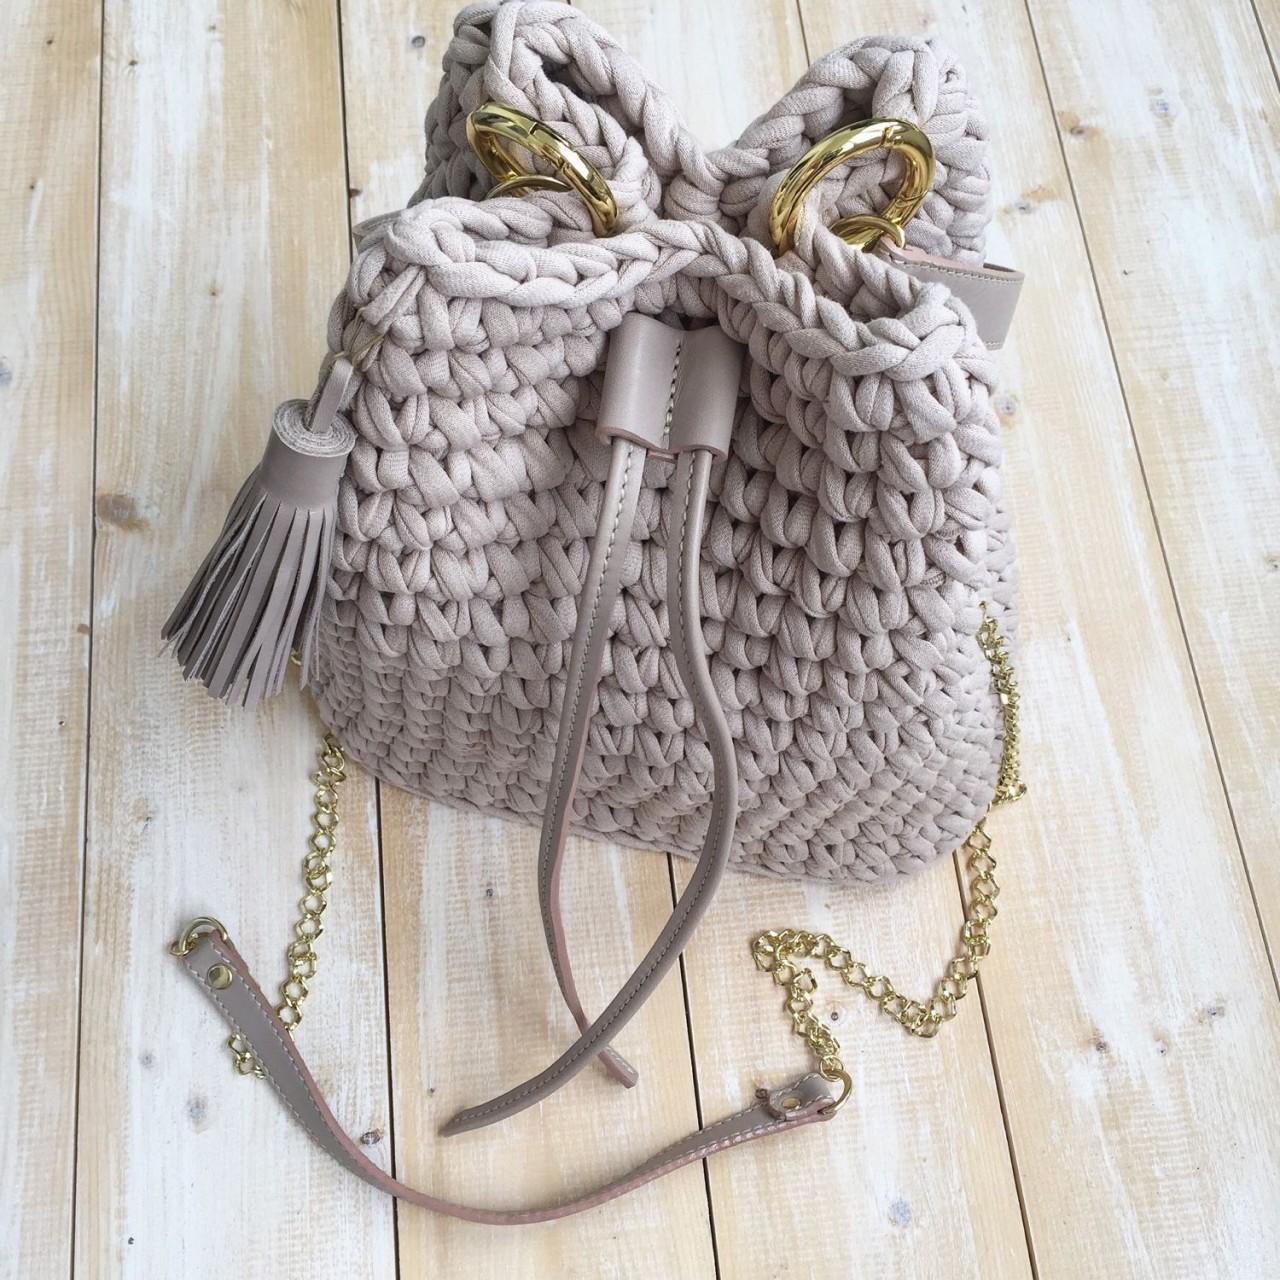 Вязаные крючком торбы: стильные модели